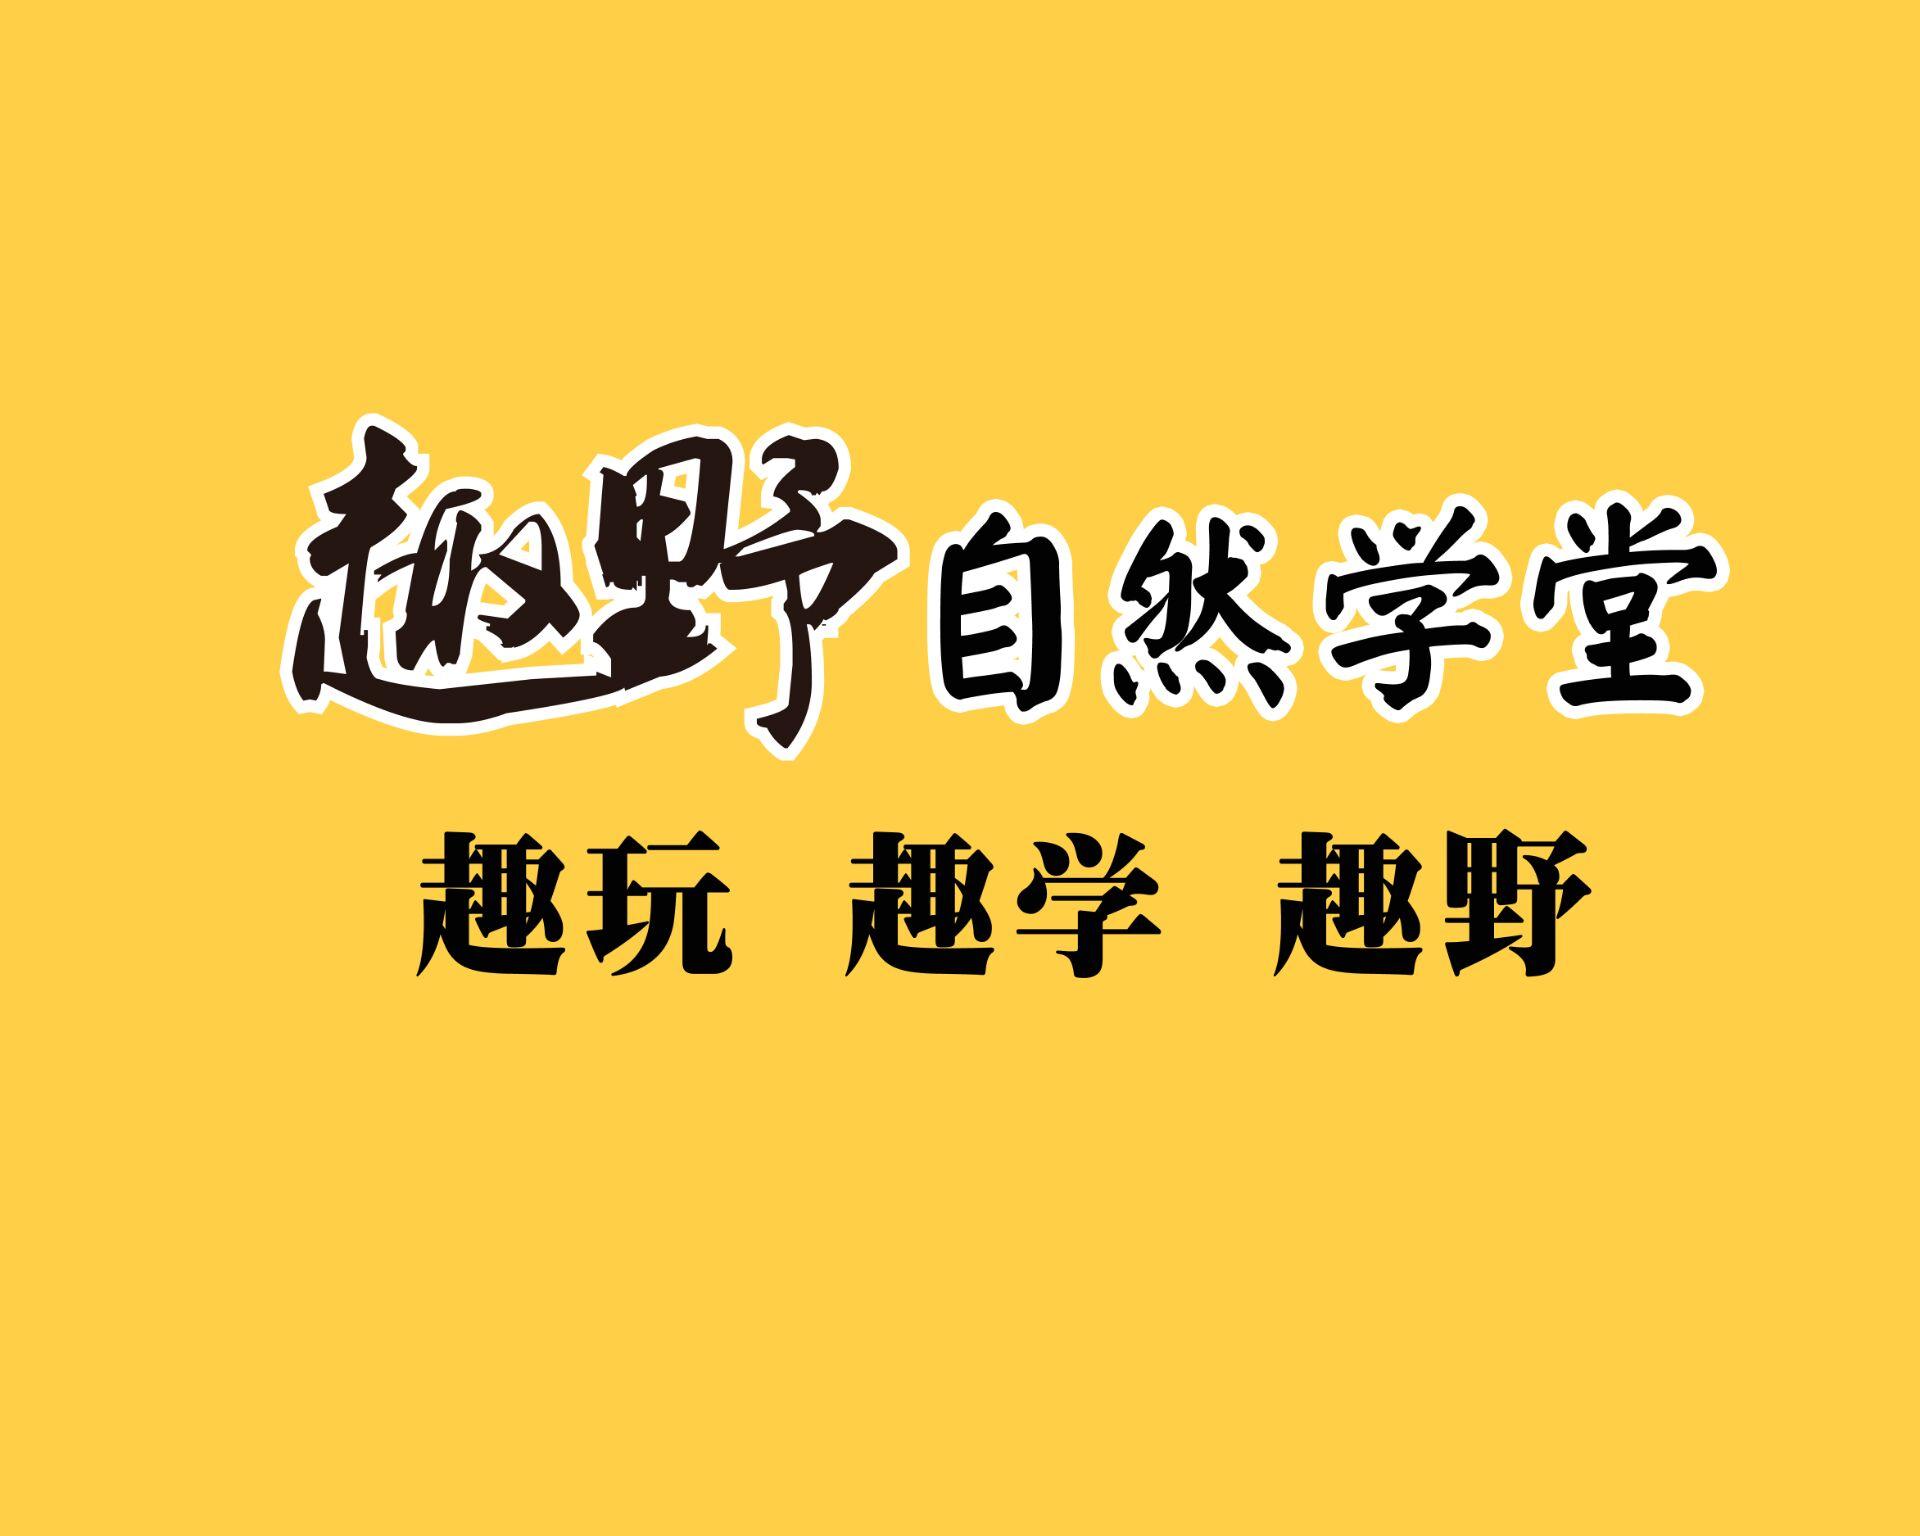 南京青少年冬夏令營_戶外體驗式培訓冬夏令營-南京趣野文化發展有限公司